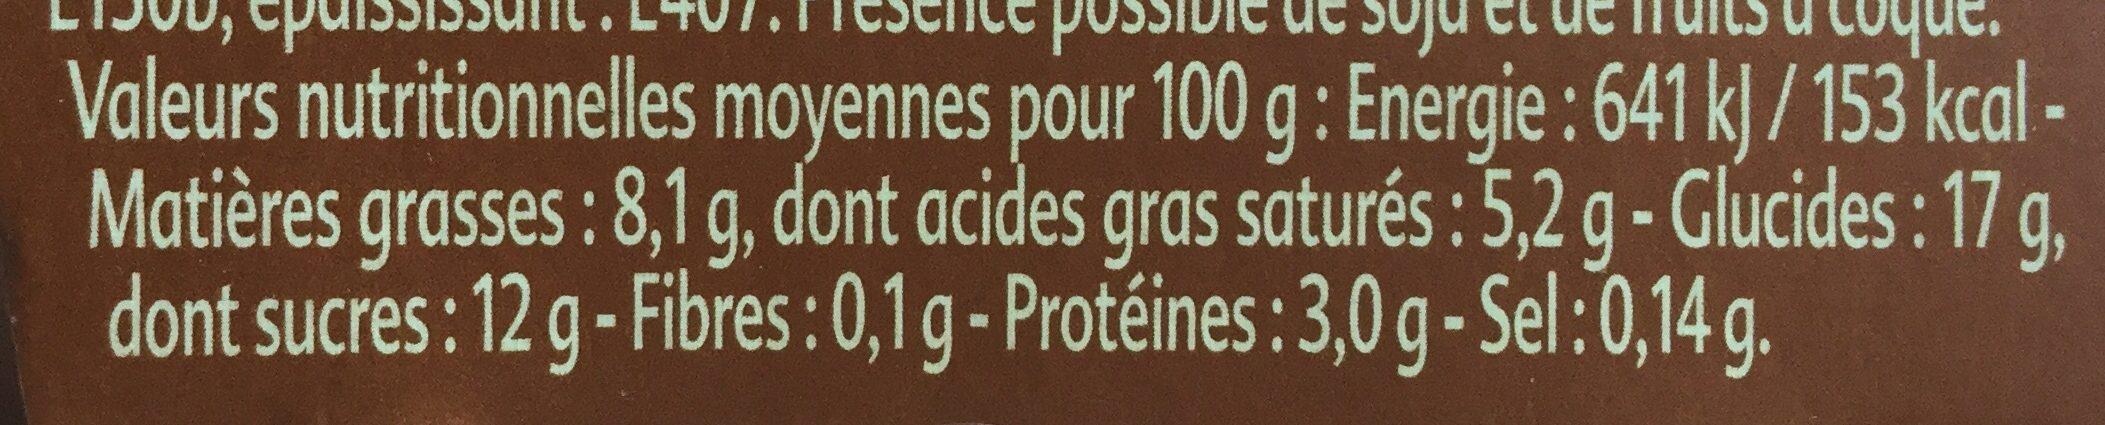 Crème Café Cappucino - Informations nutritionnelles - fr